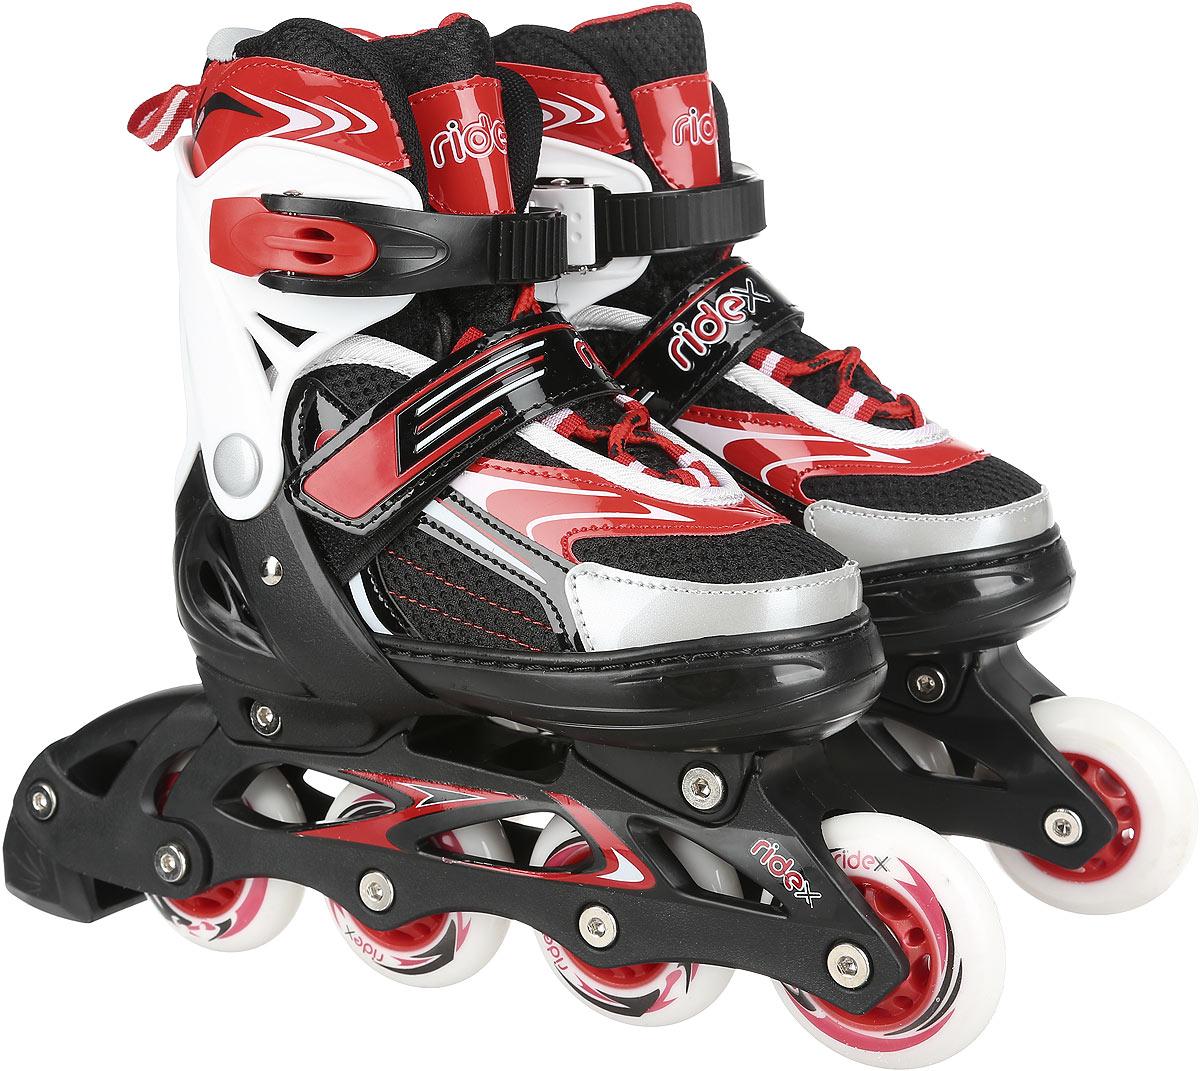 Коньки роликовые Ridex Target, раздвижные, цвет: черный, белый, красный. УТ-00008100. Размер 30/33 - Ролики